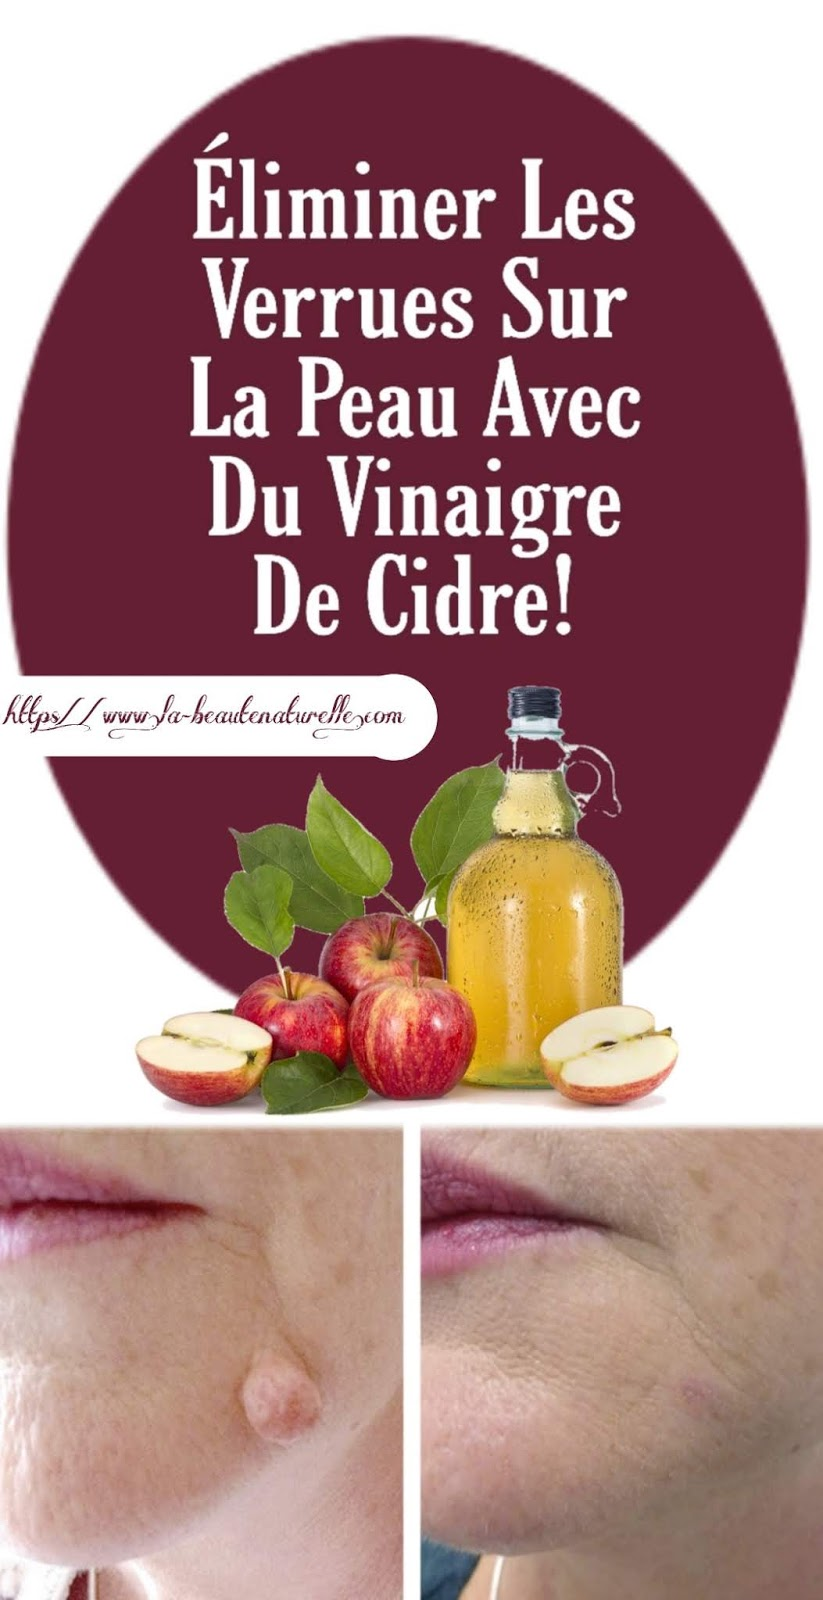 Éliminer Les Verrues Sur La Peau Avec Du Vinaigre De Cidre!